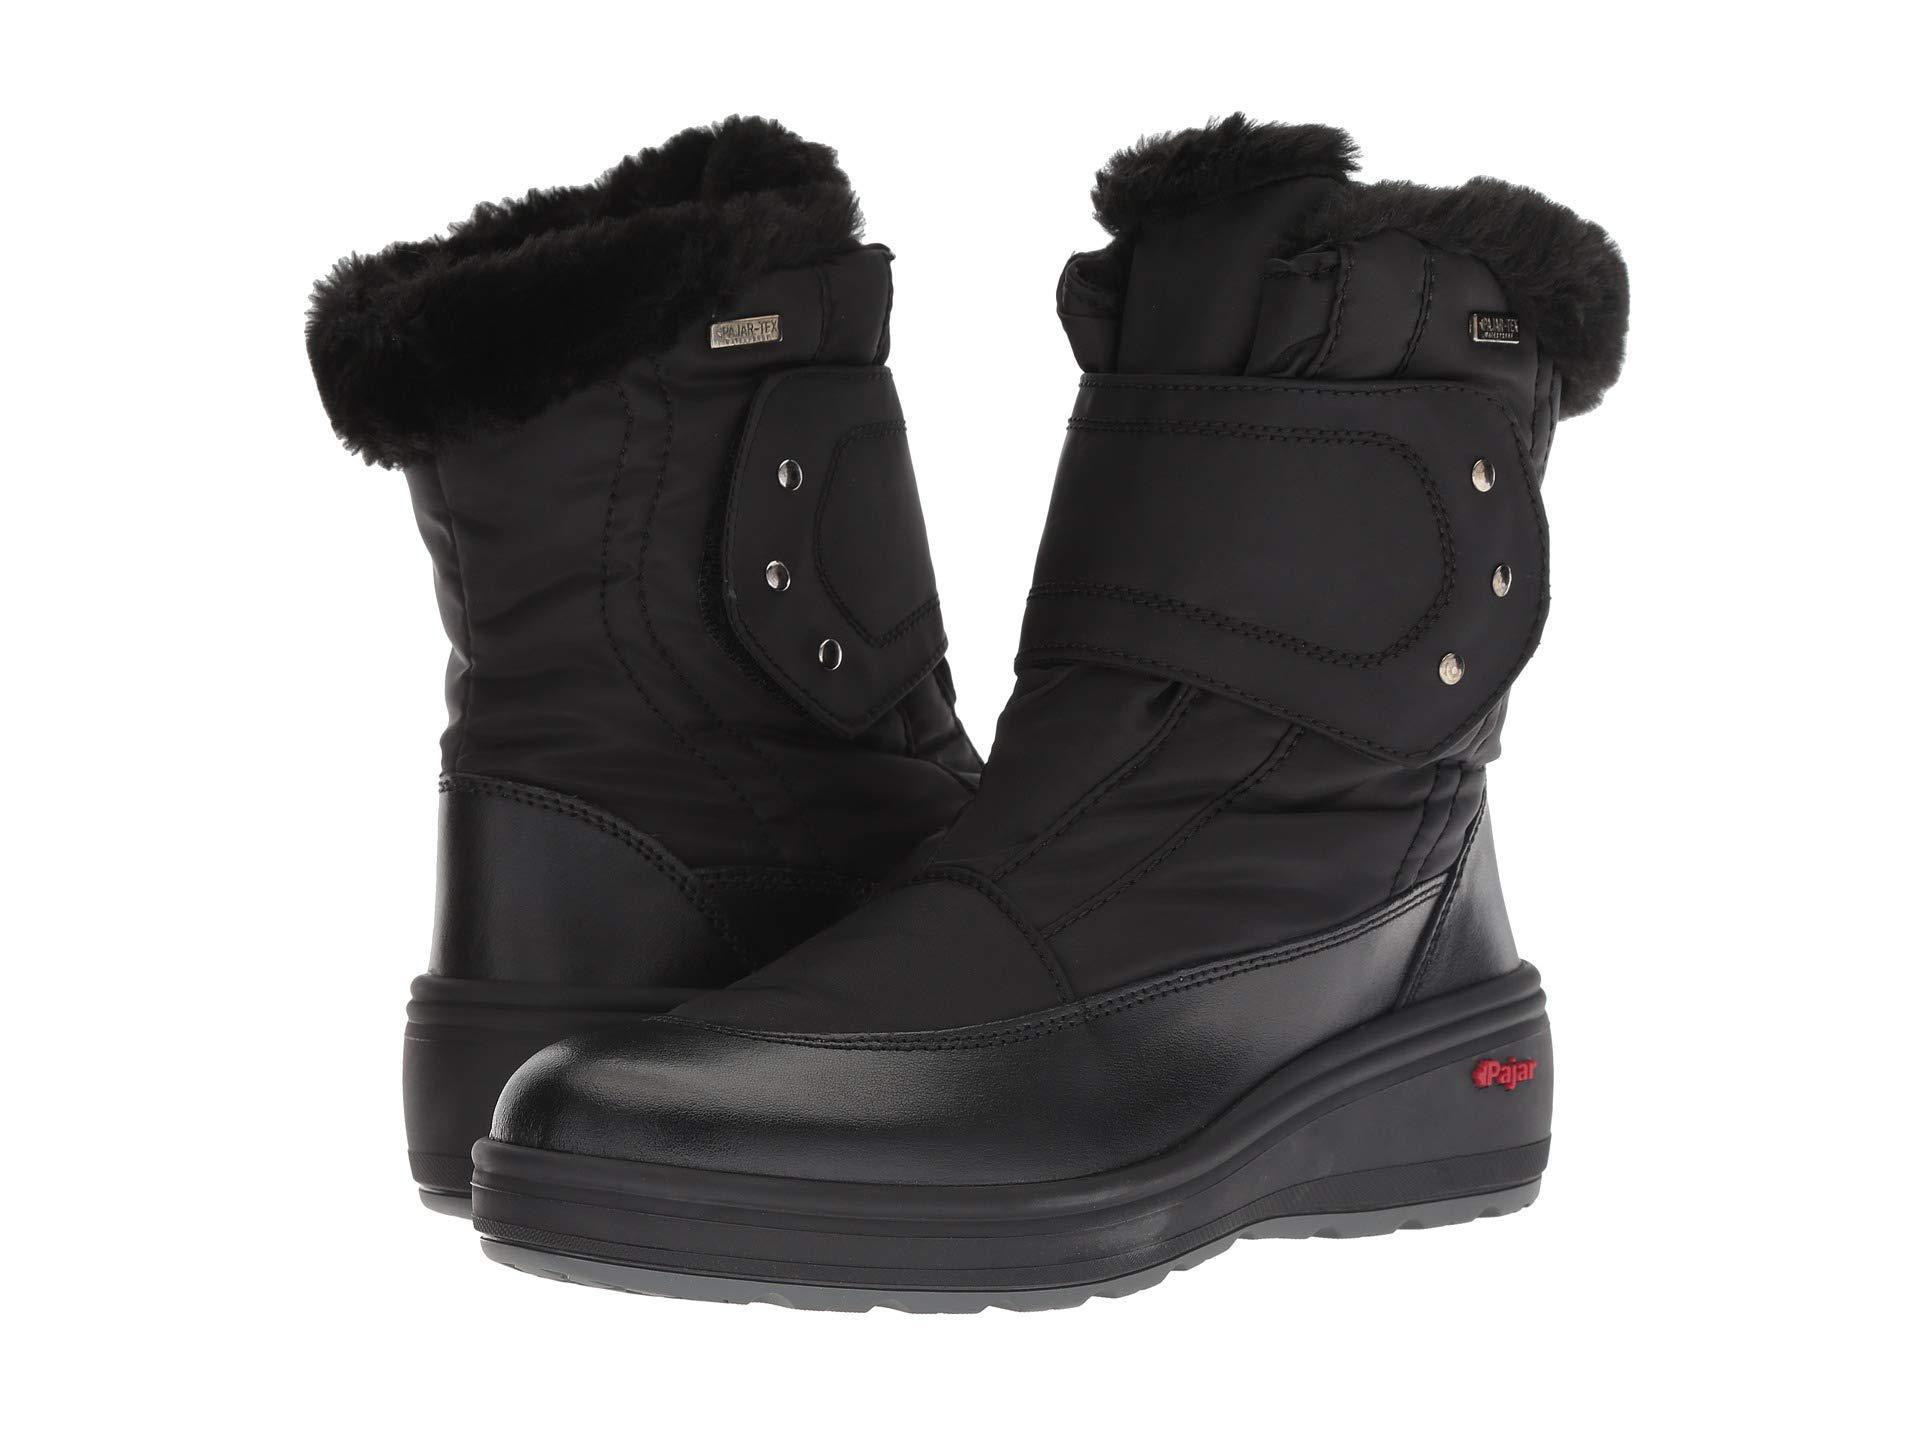 e07fdb584b86 Pajar Samara (black) Women's Boots in Black - Lyst